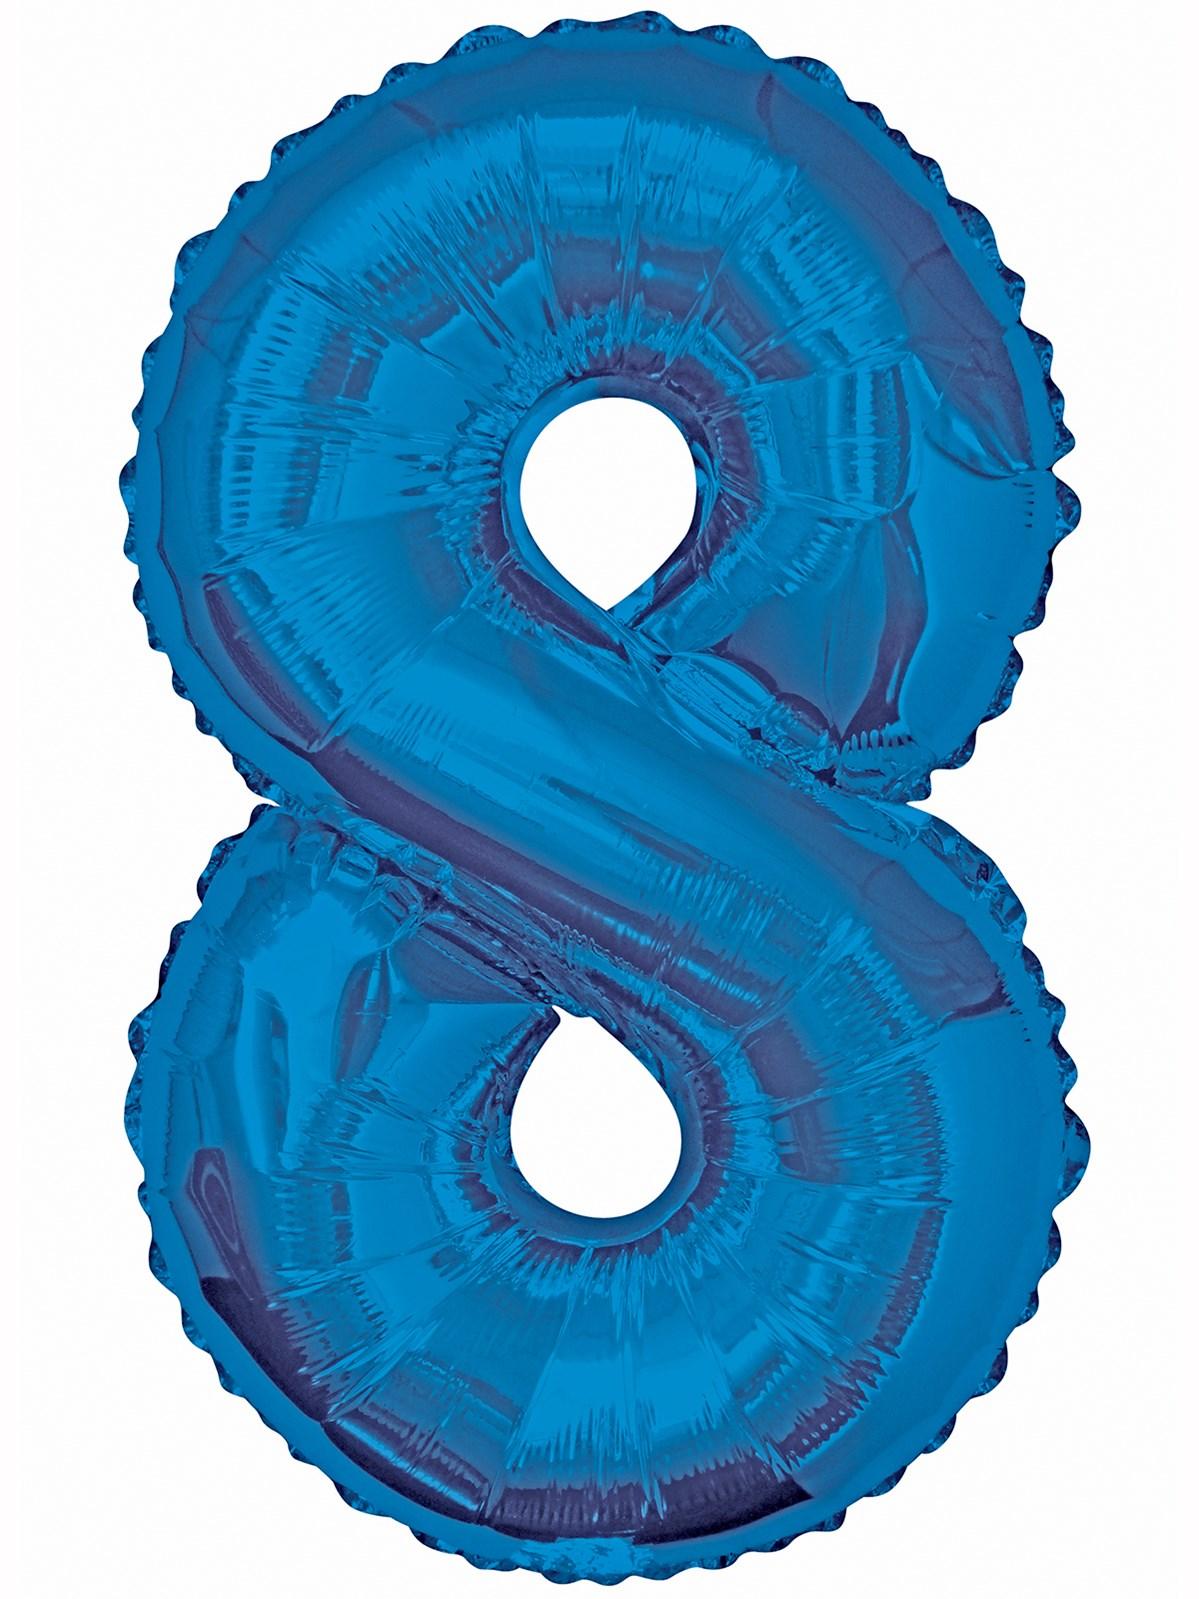 Folieballong 86cm siffra blå 8  49kr